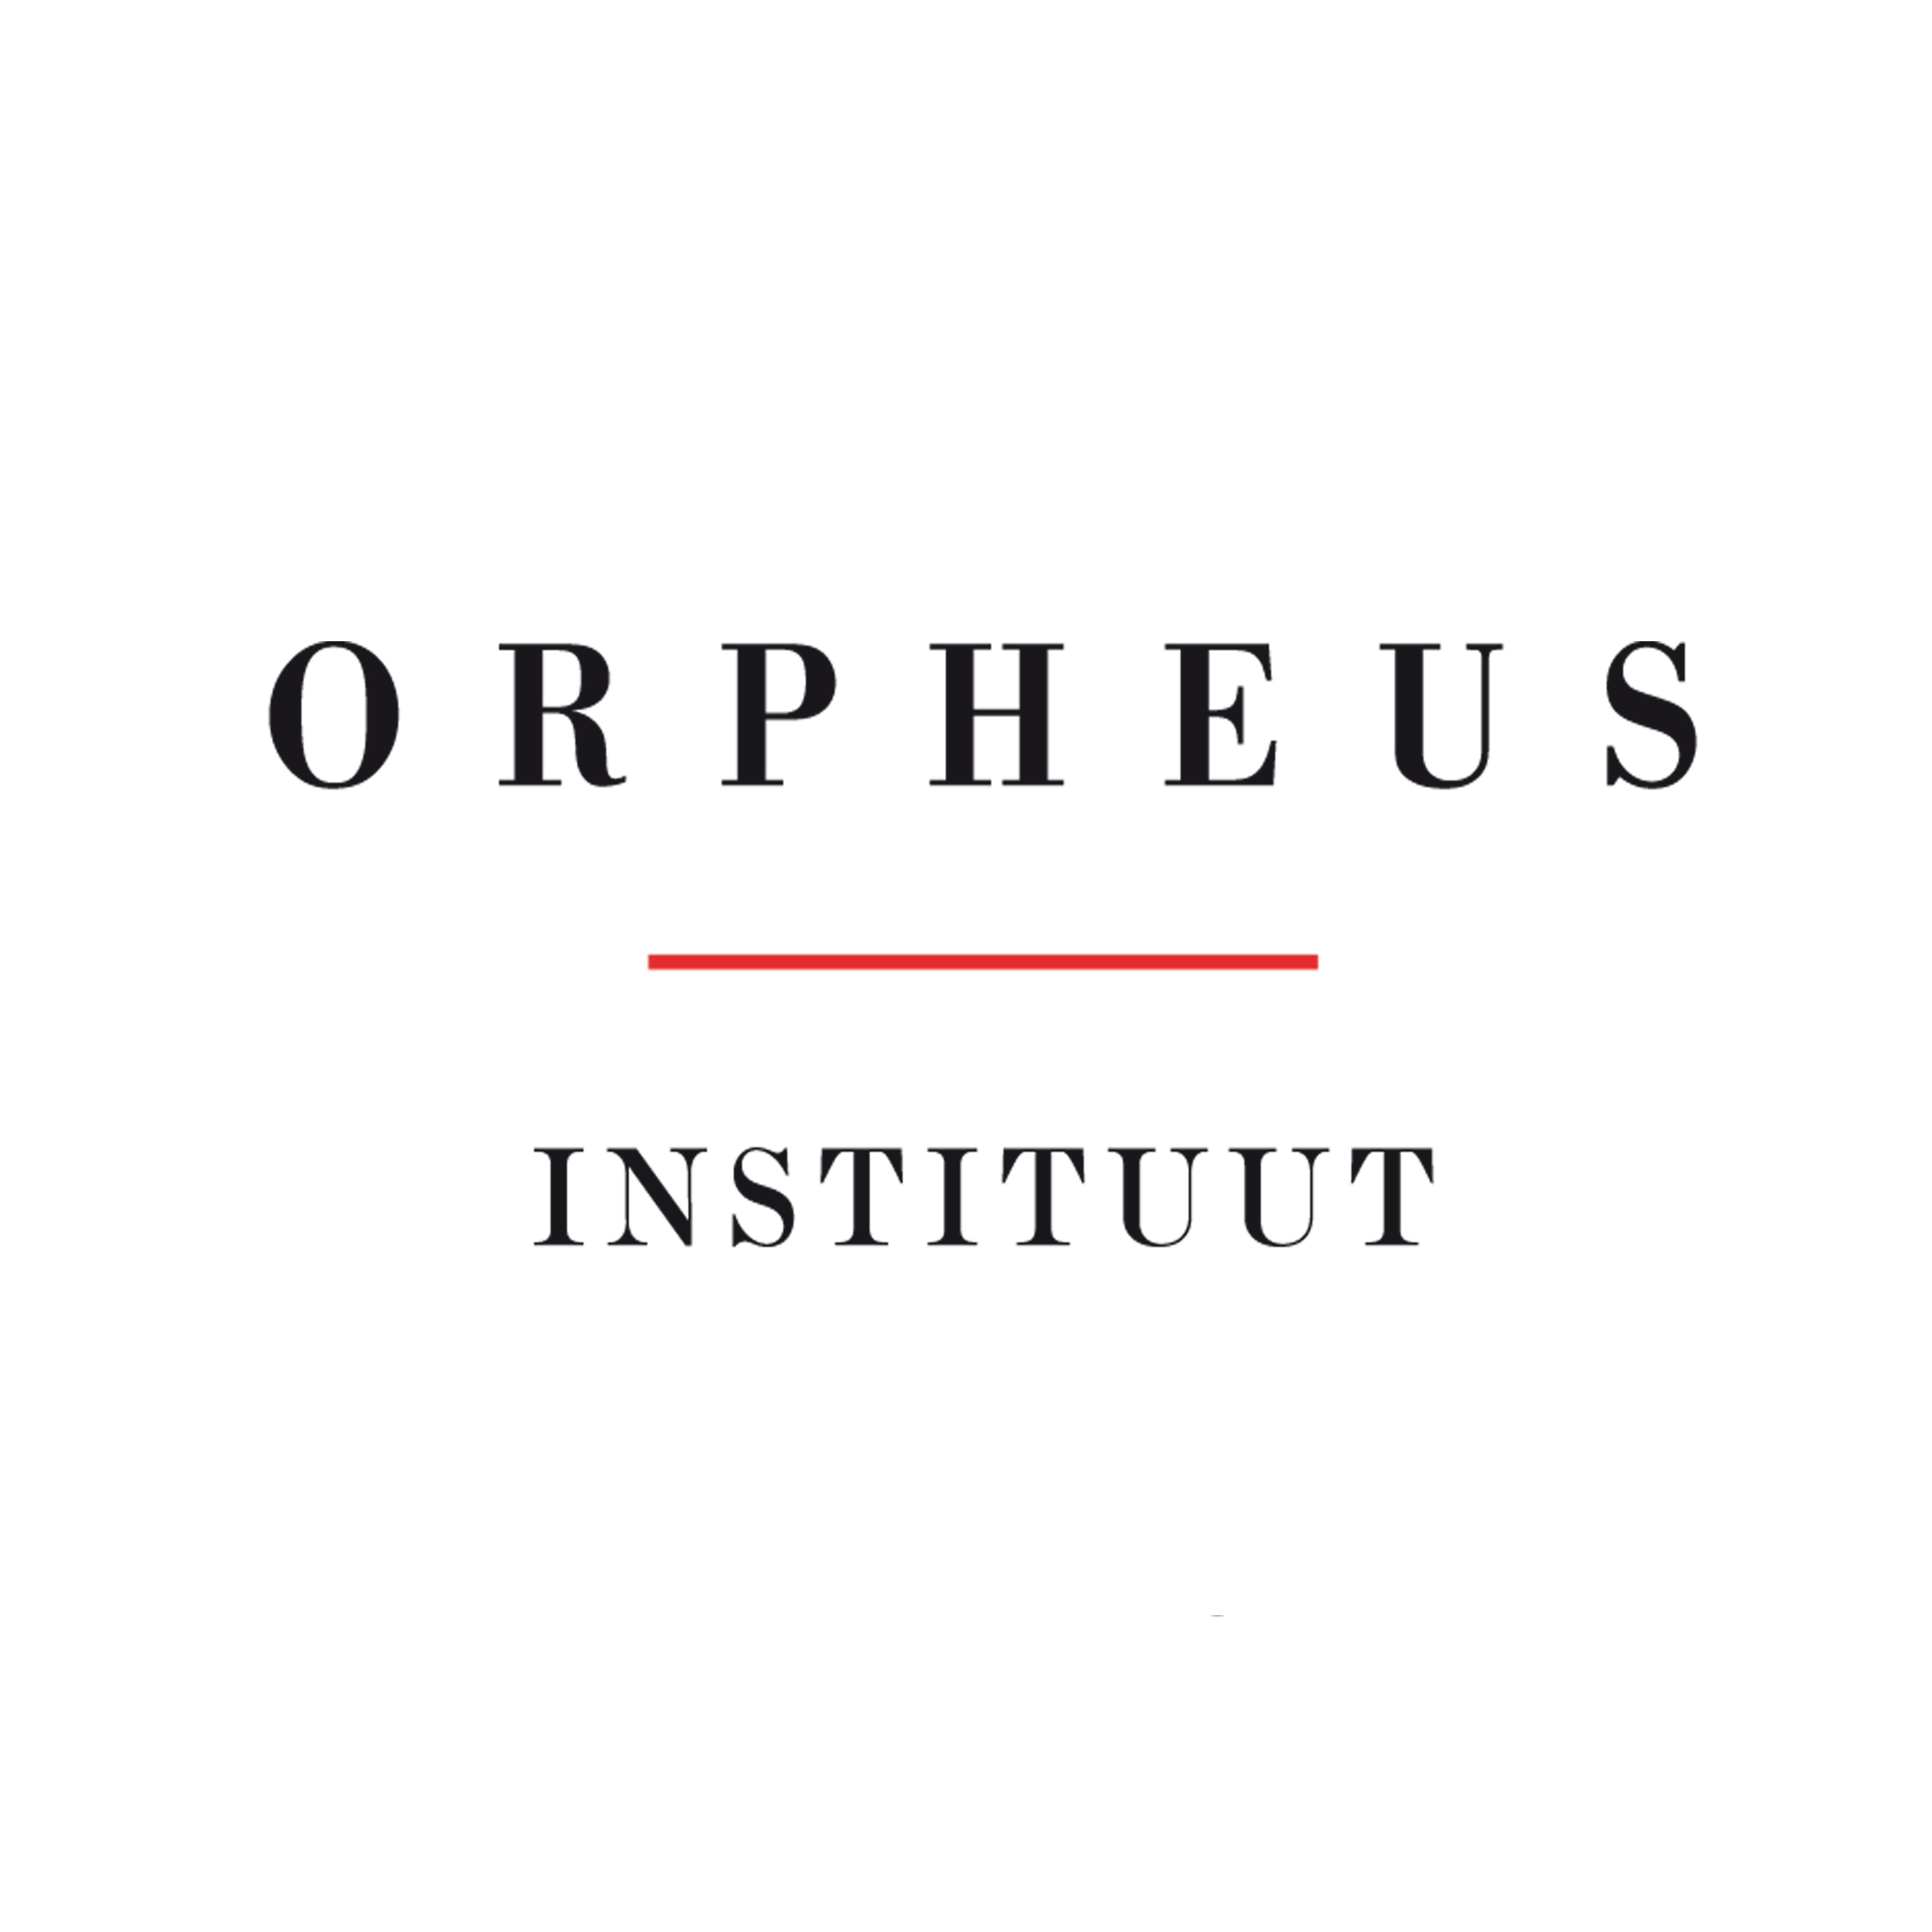 Orpheus Instituut